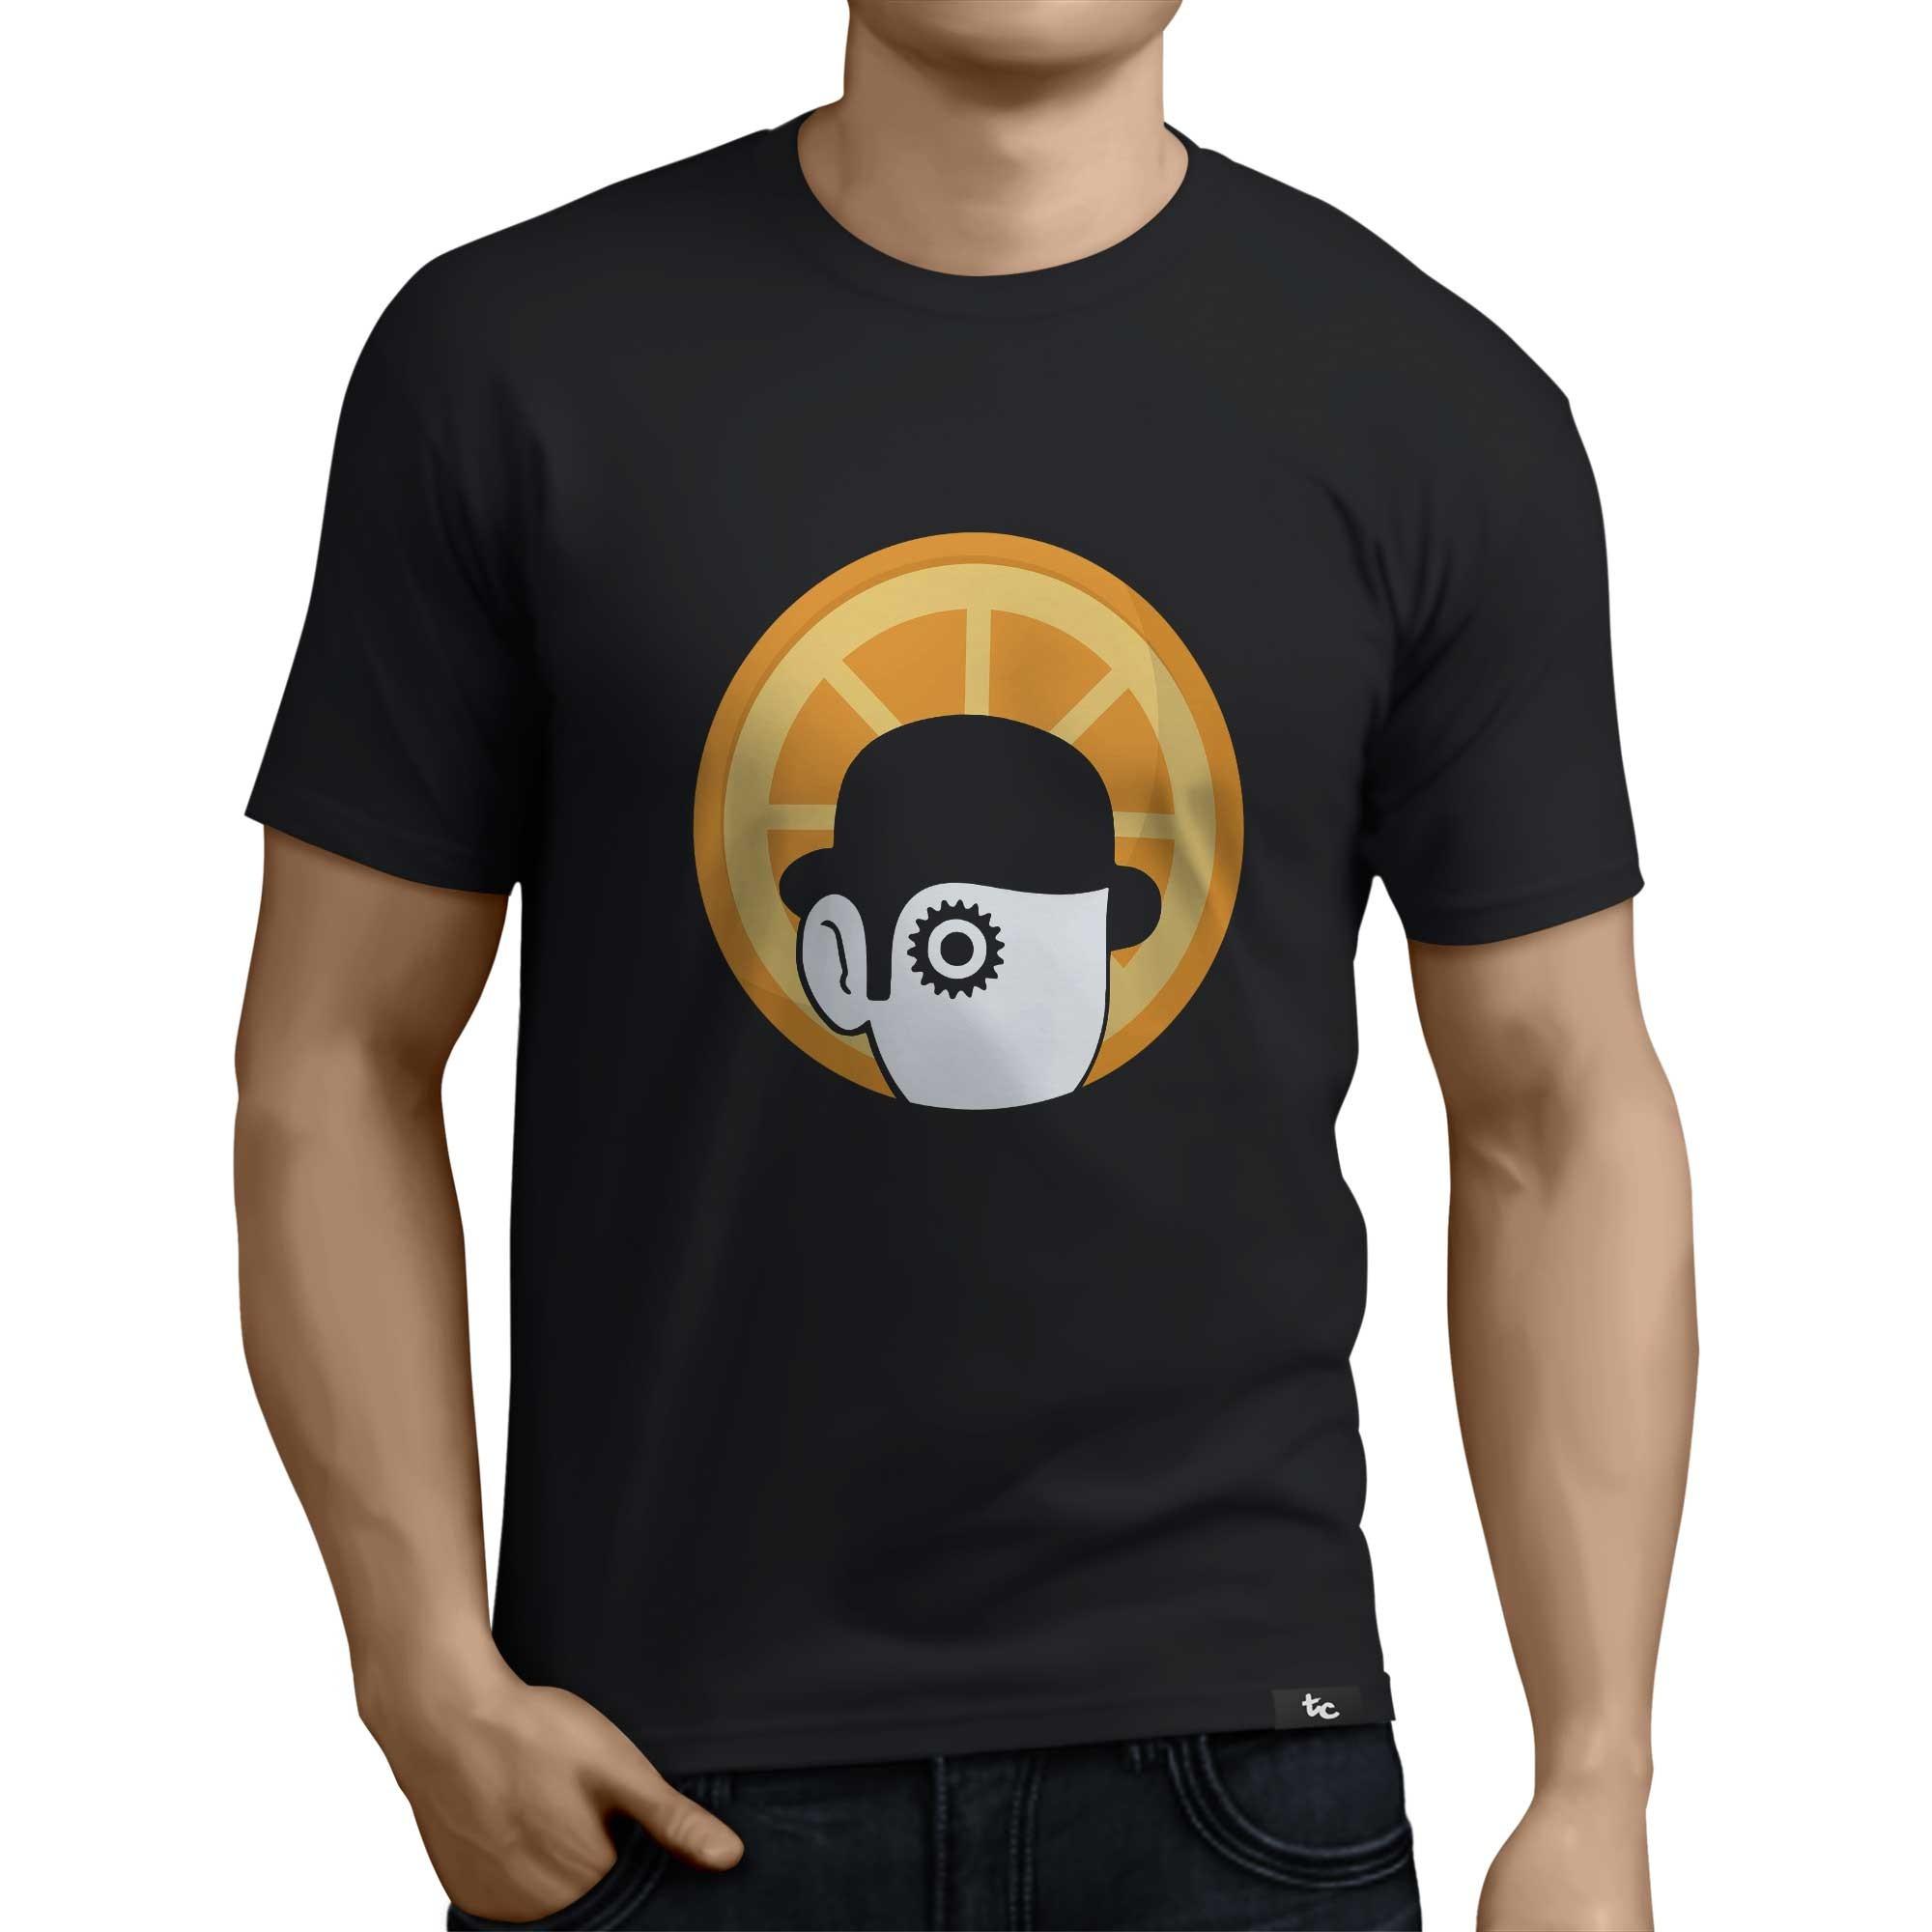 Tuning Camisetas - Tuning Camisetas 6a5e0961c4e